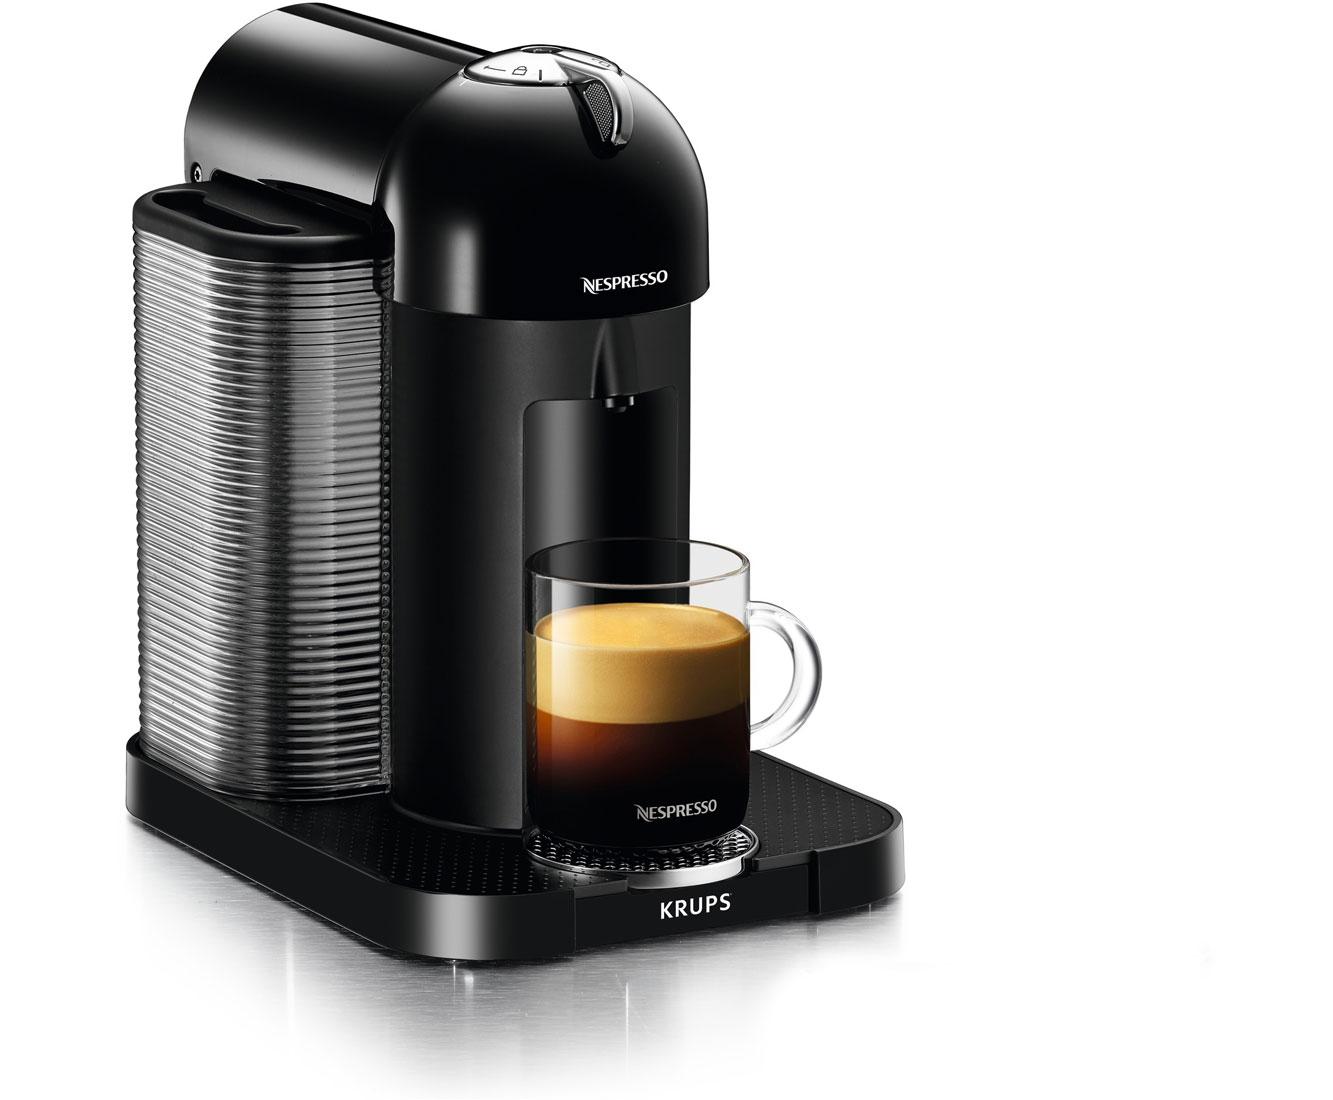 Krups Nespresso Vertuo Plus XN9018 Kaffeemaschinen - Schwarz | Küche und Esszimmer > Kaffee und Tee > Espressomaschinen | Schwarz | Krups Nespresso